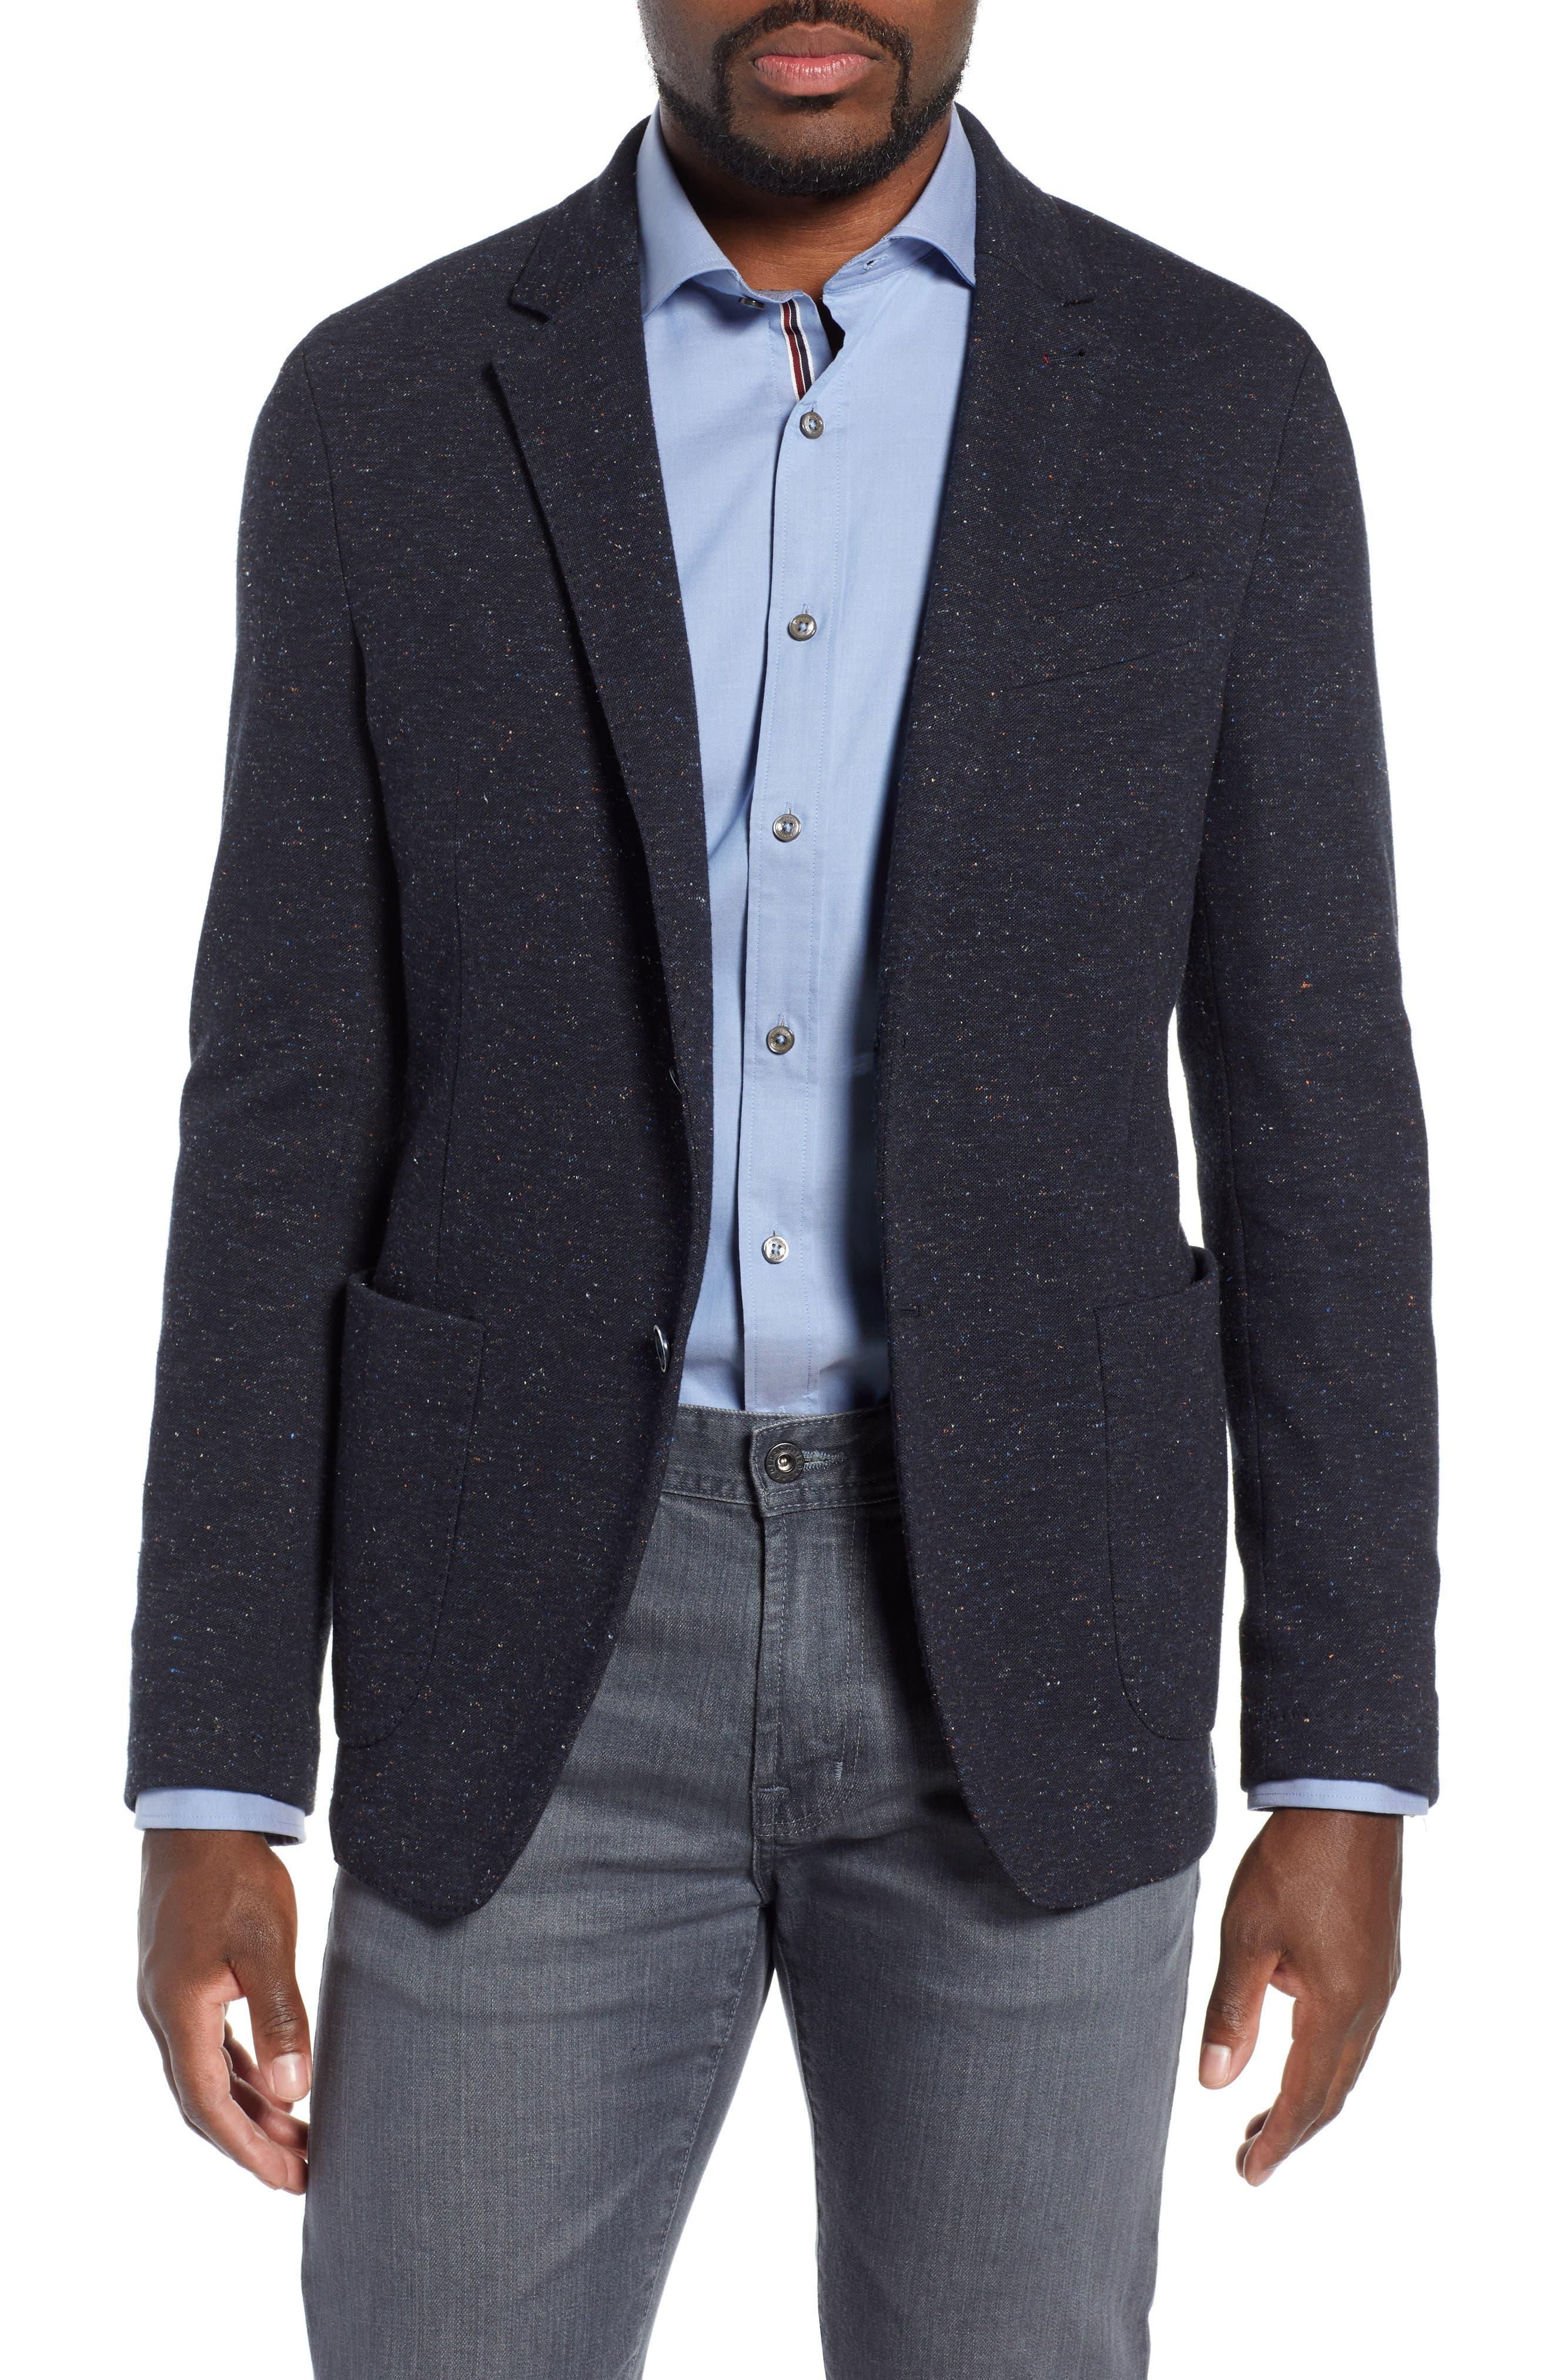 BUGATCHI Cotton & Wool Blend Sport Coat in Caviar